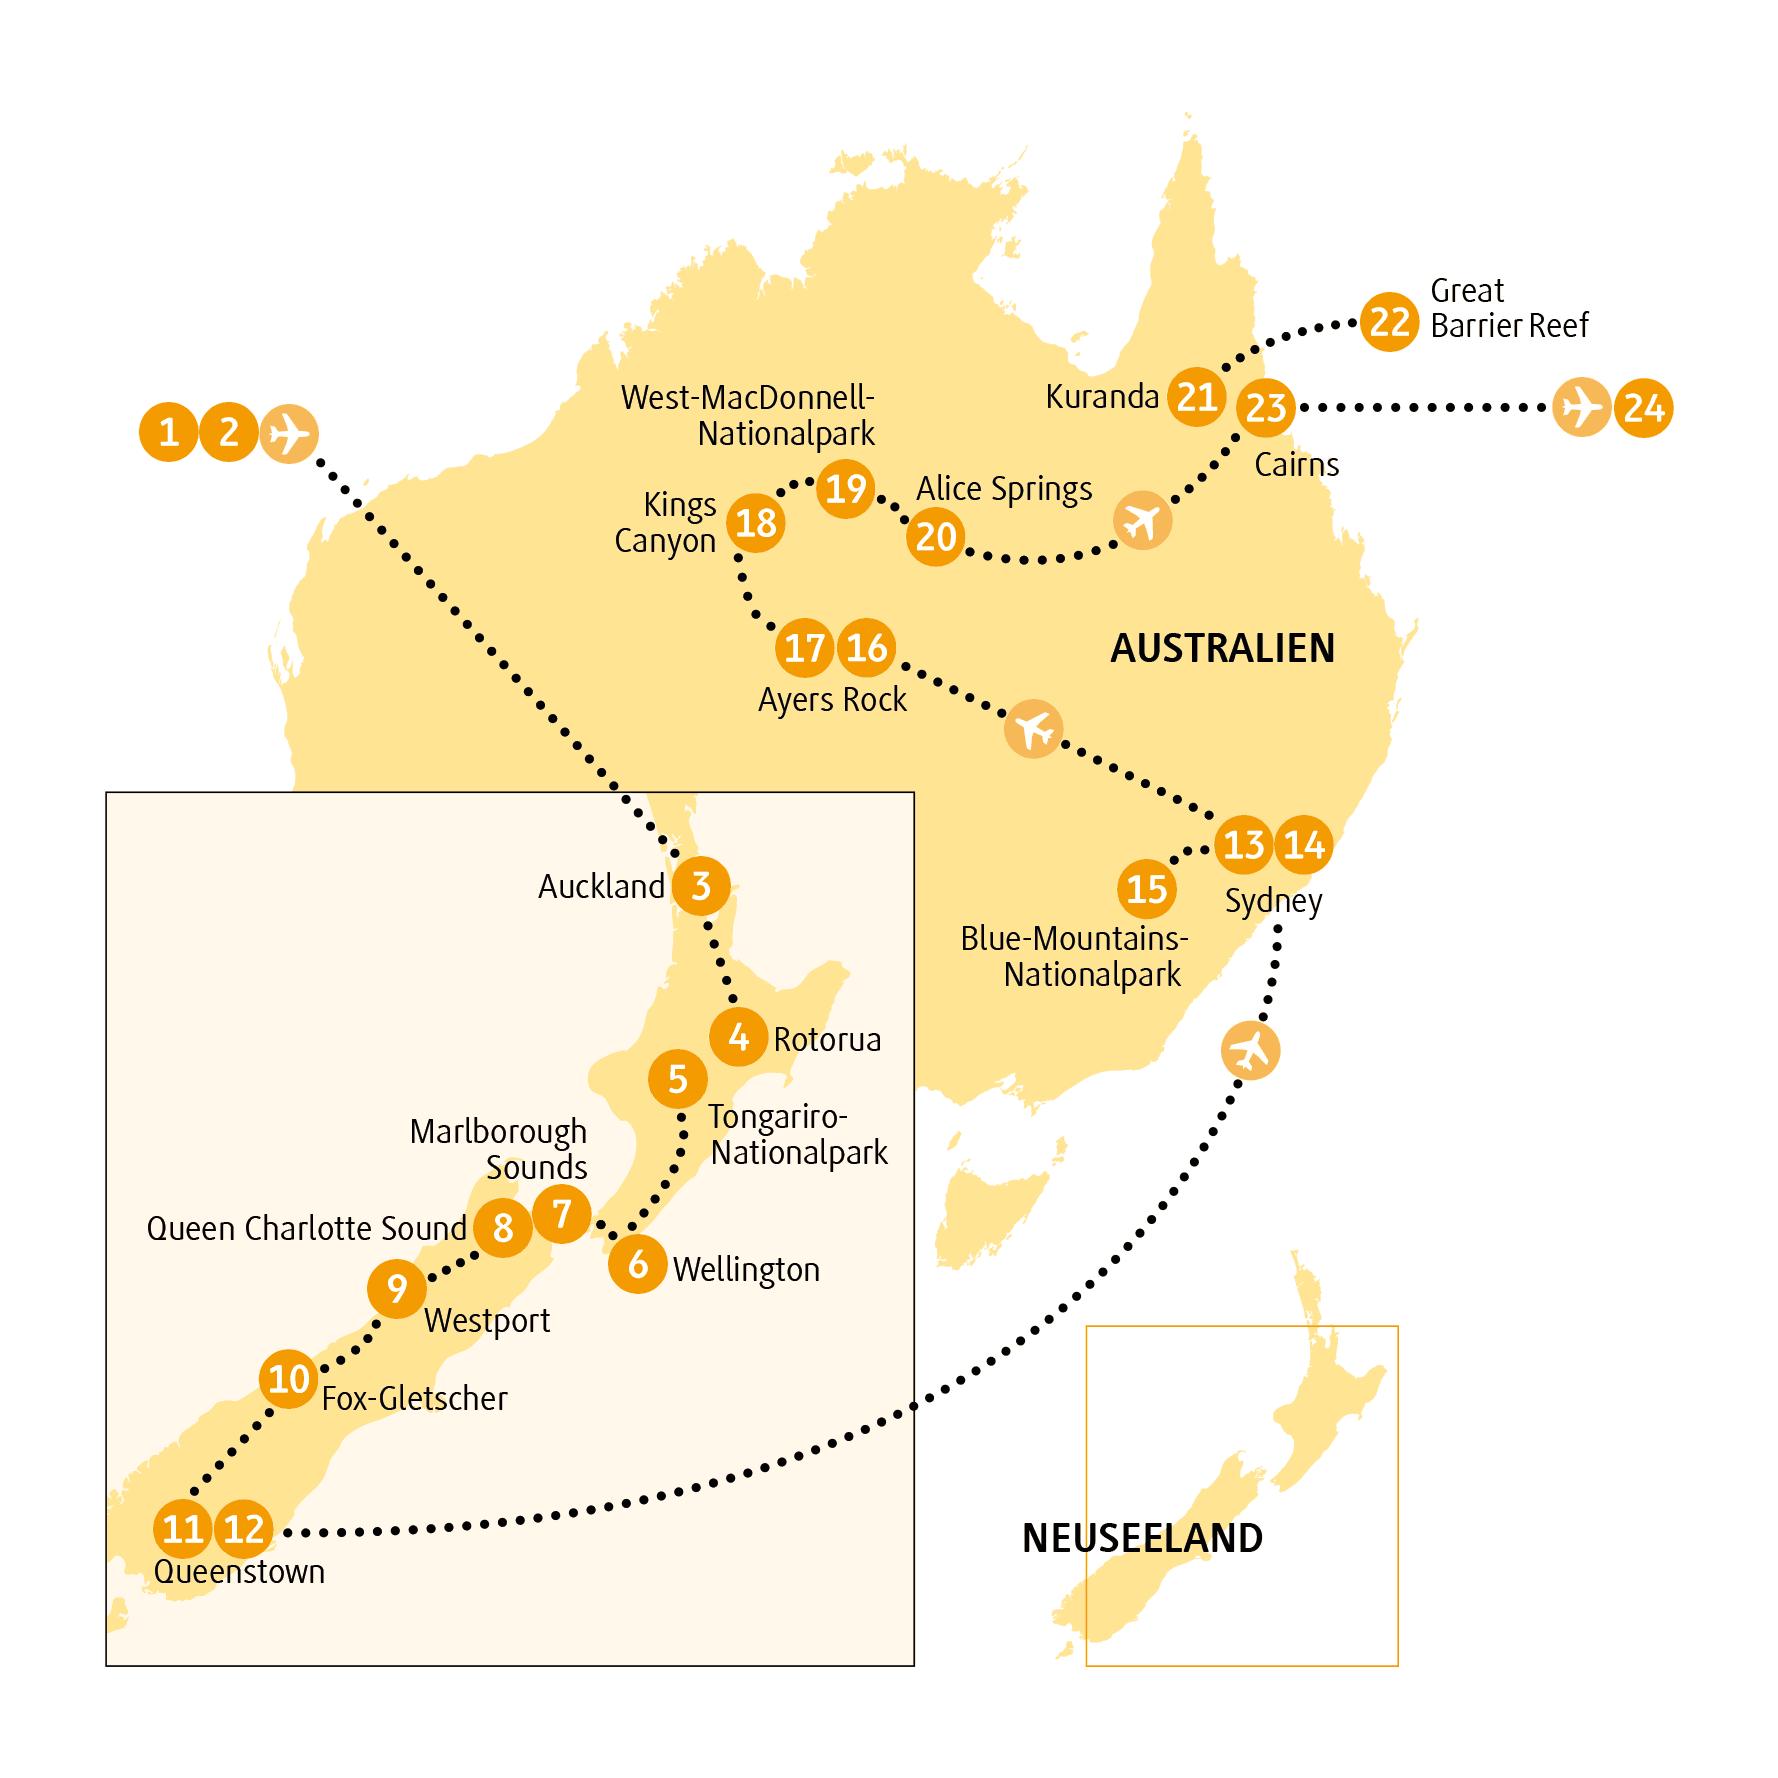 Chamaleon Reise Ozeanien Nach Australien Und Neuseeland 24 Tage Neuseeland Australien Great Barrier Reef